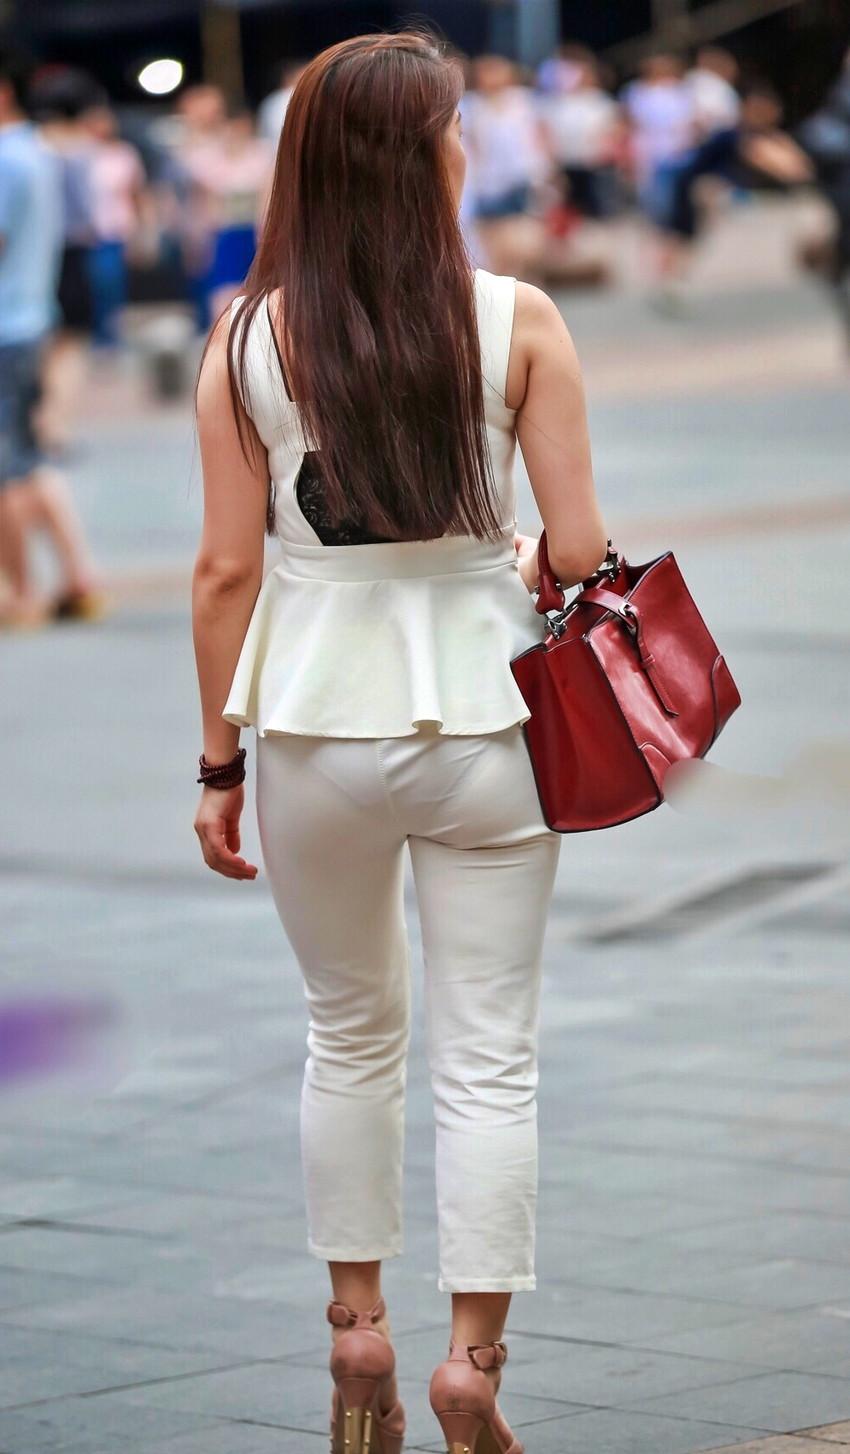 【透けパンツエロ画像】清楚なお嬢さんのスカートやズボンからパンティーが透けて丸見えよりも卑猥に見える透けパンツのエロ画像集!ww【80枚】 14